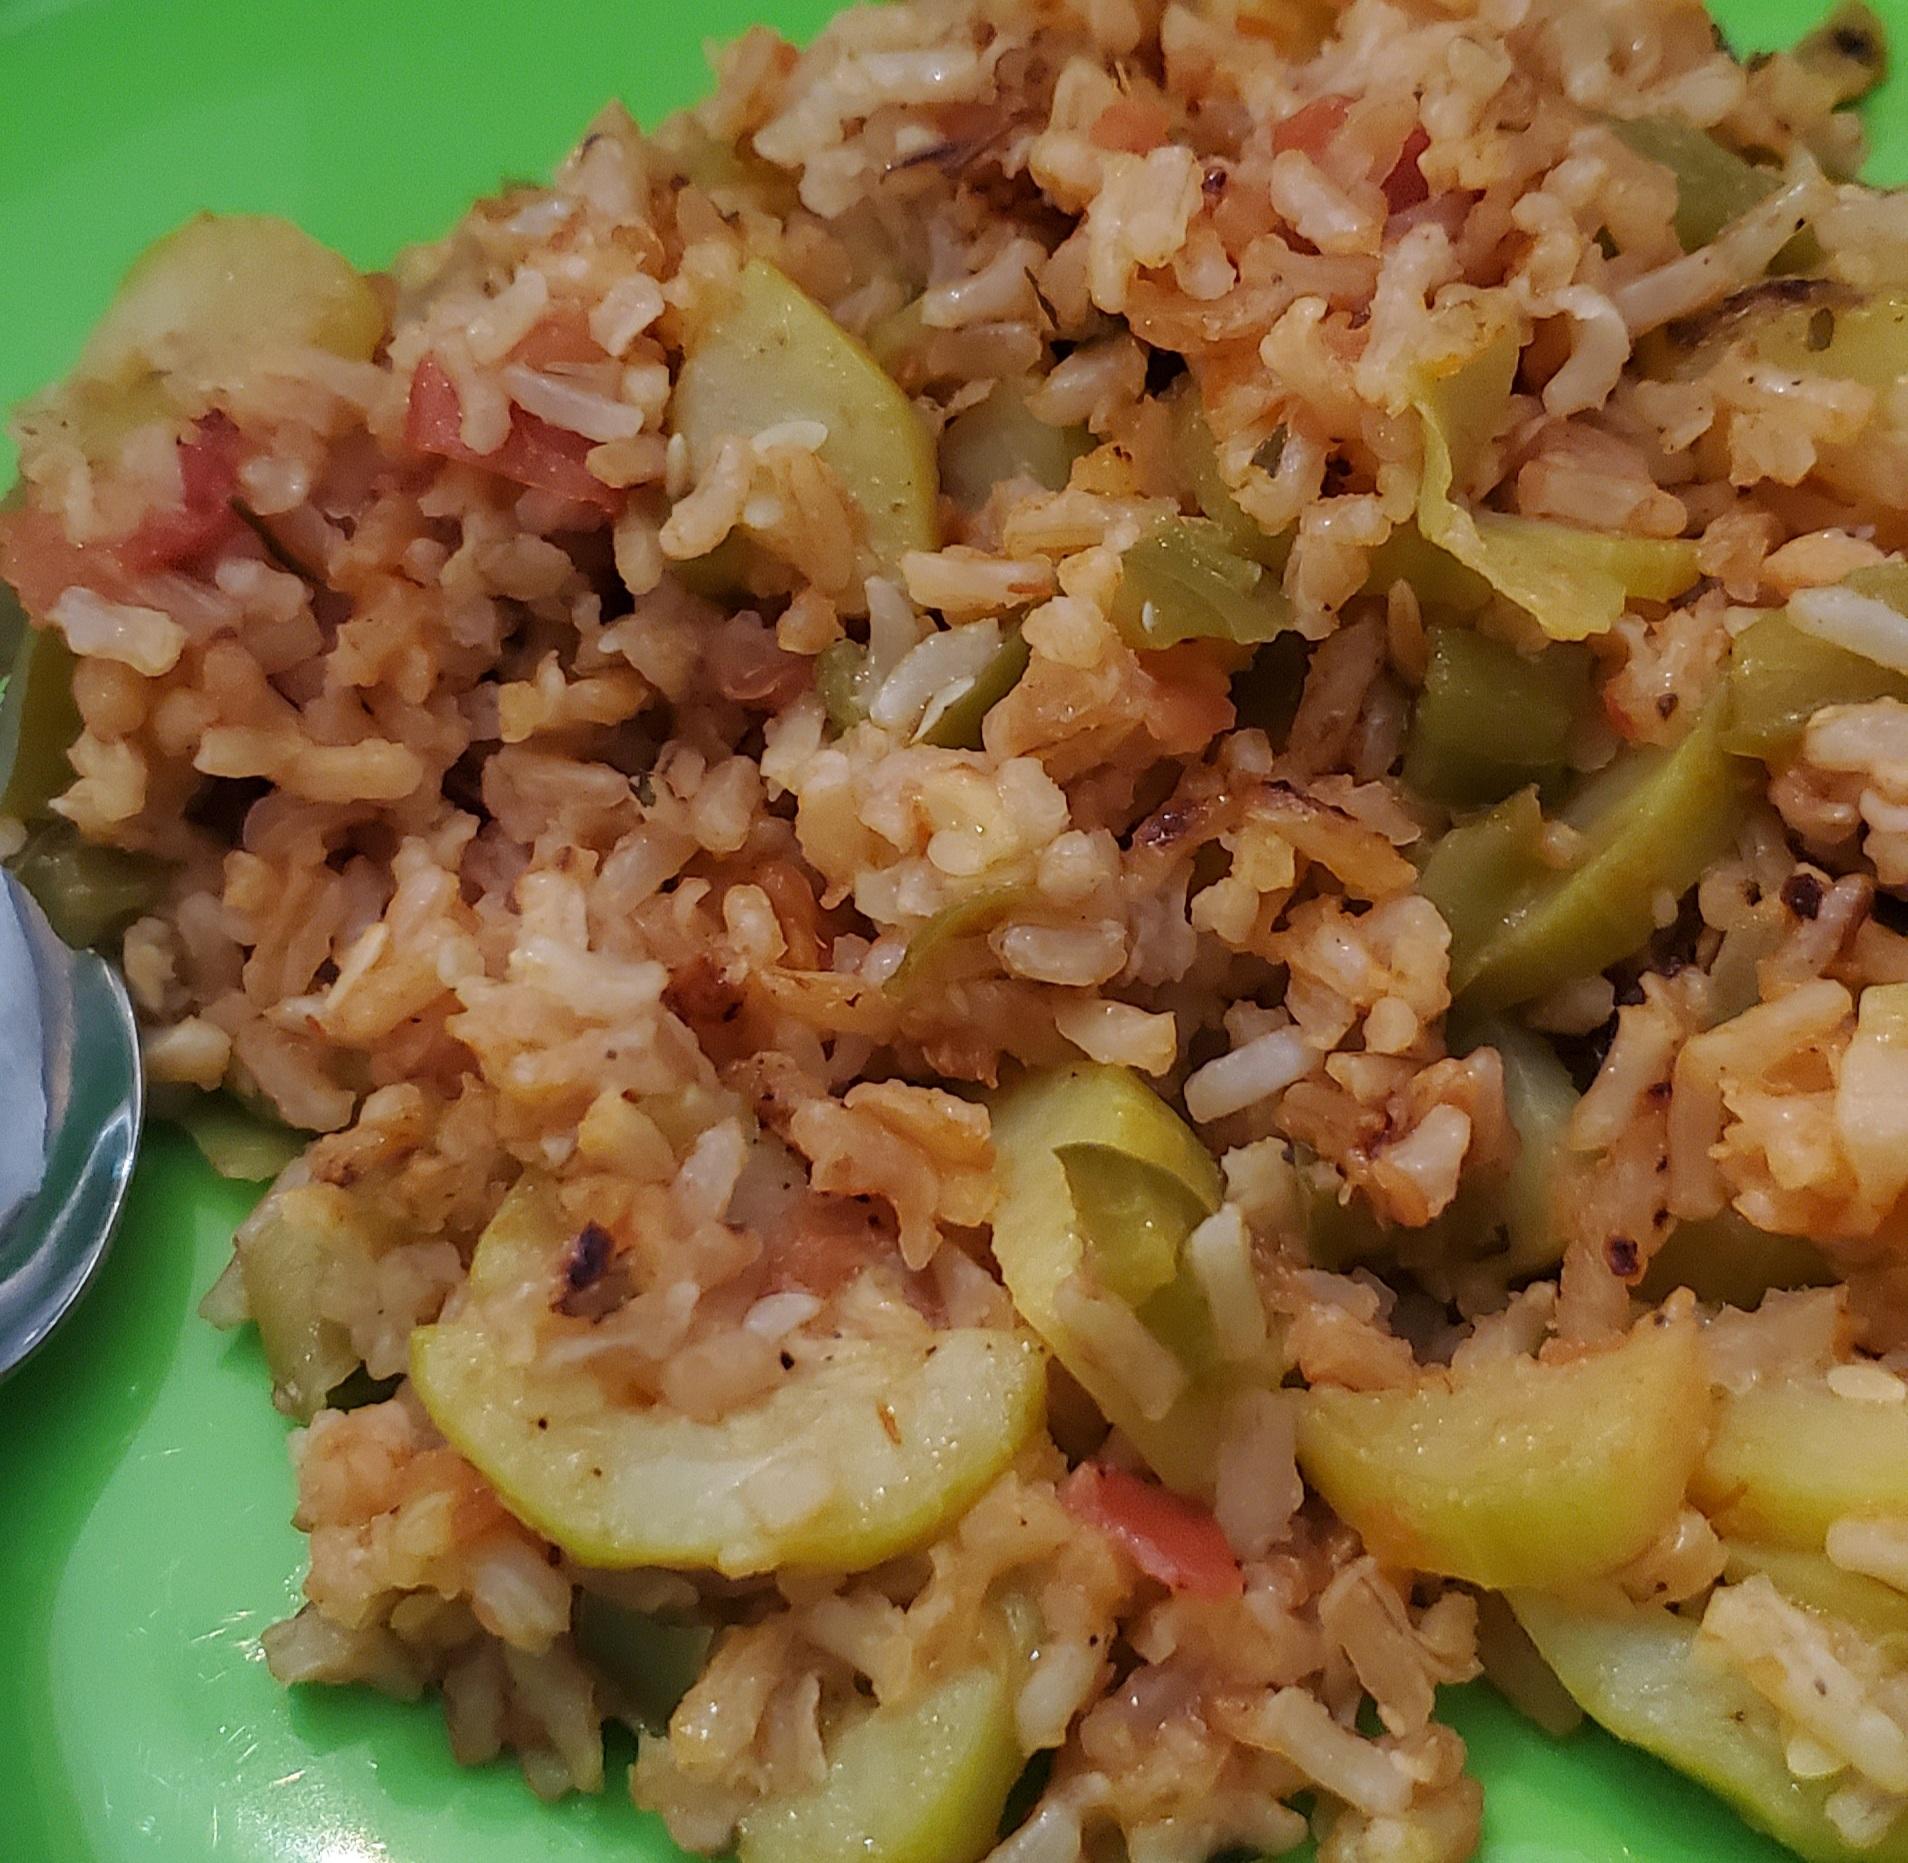 Zucchini-Tomato Saute